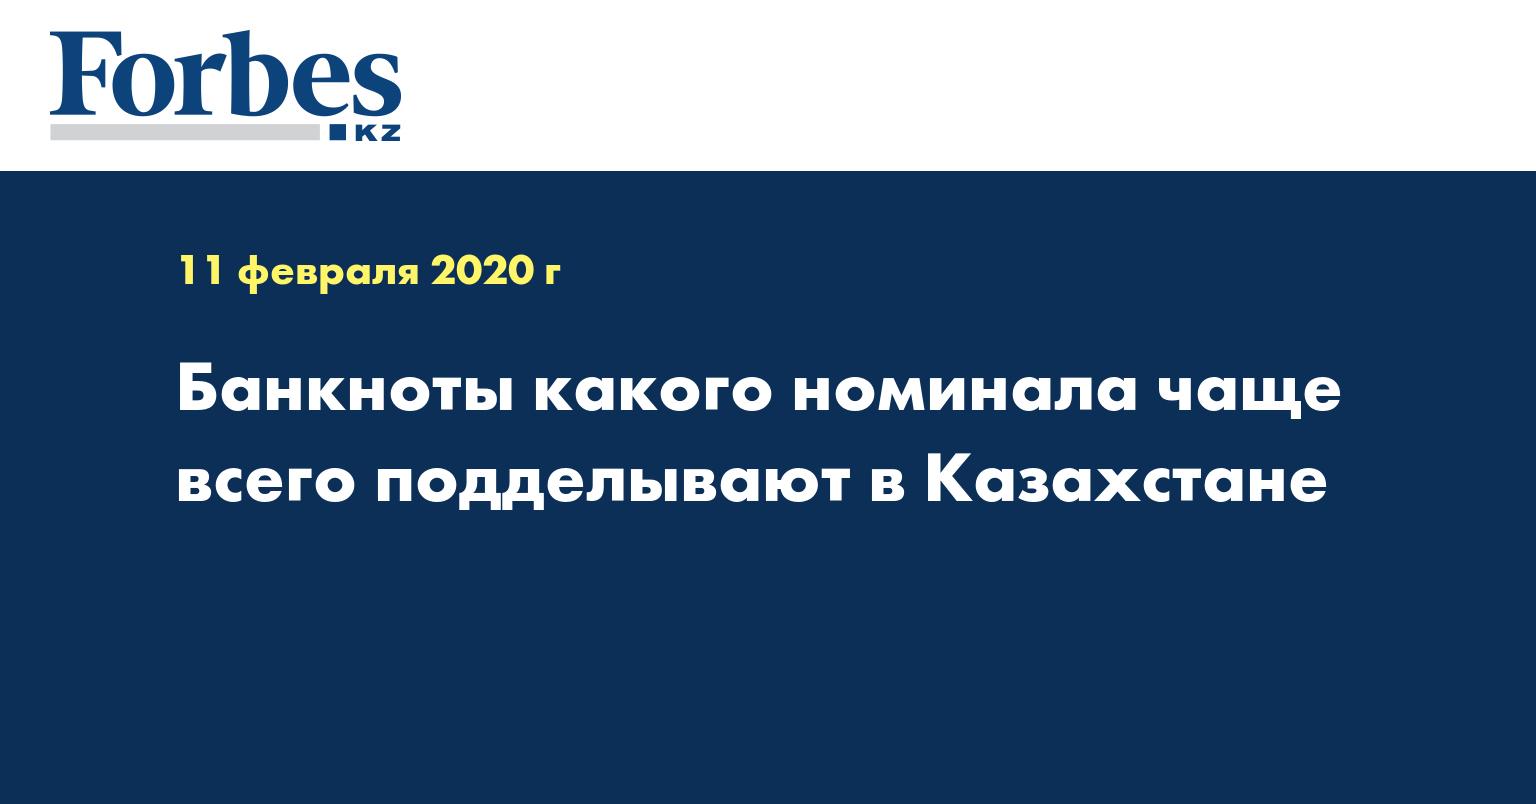 Банкноты какого номинала чаще всего подделывают в Казахстане